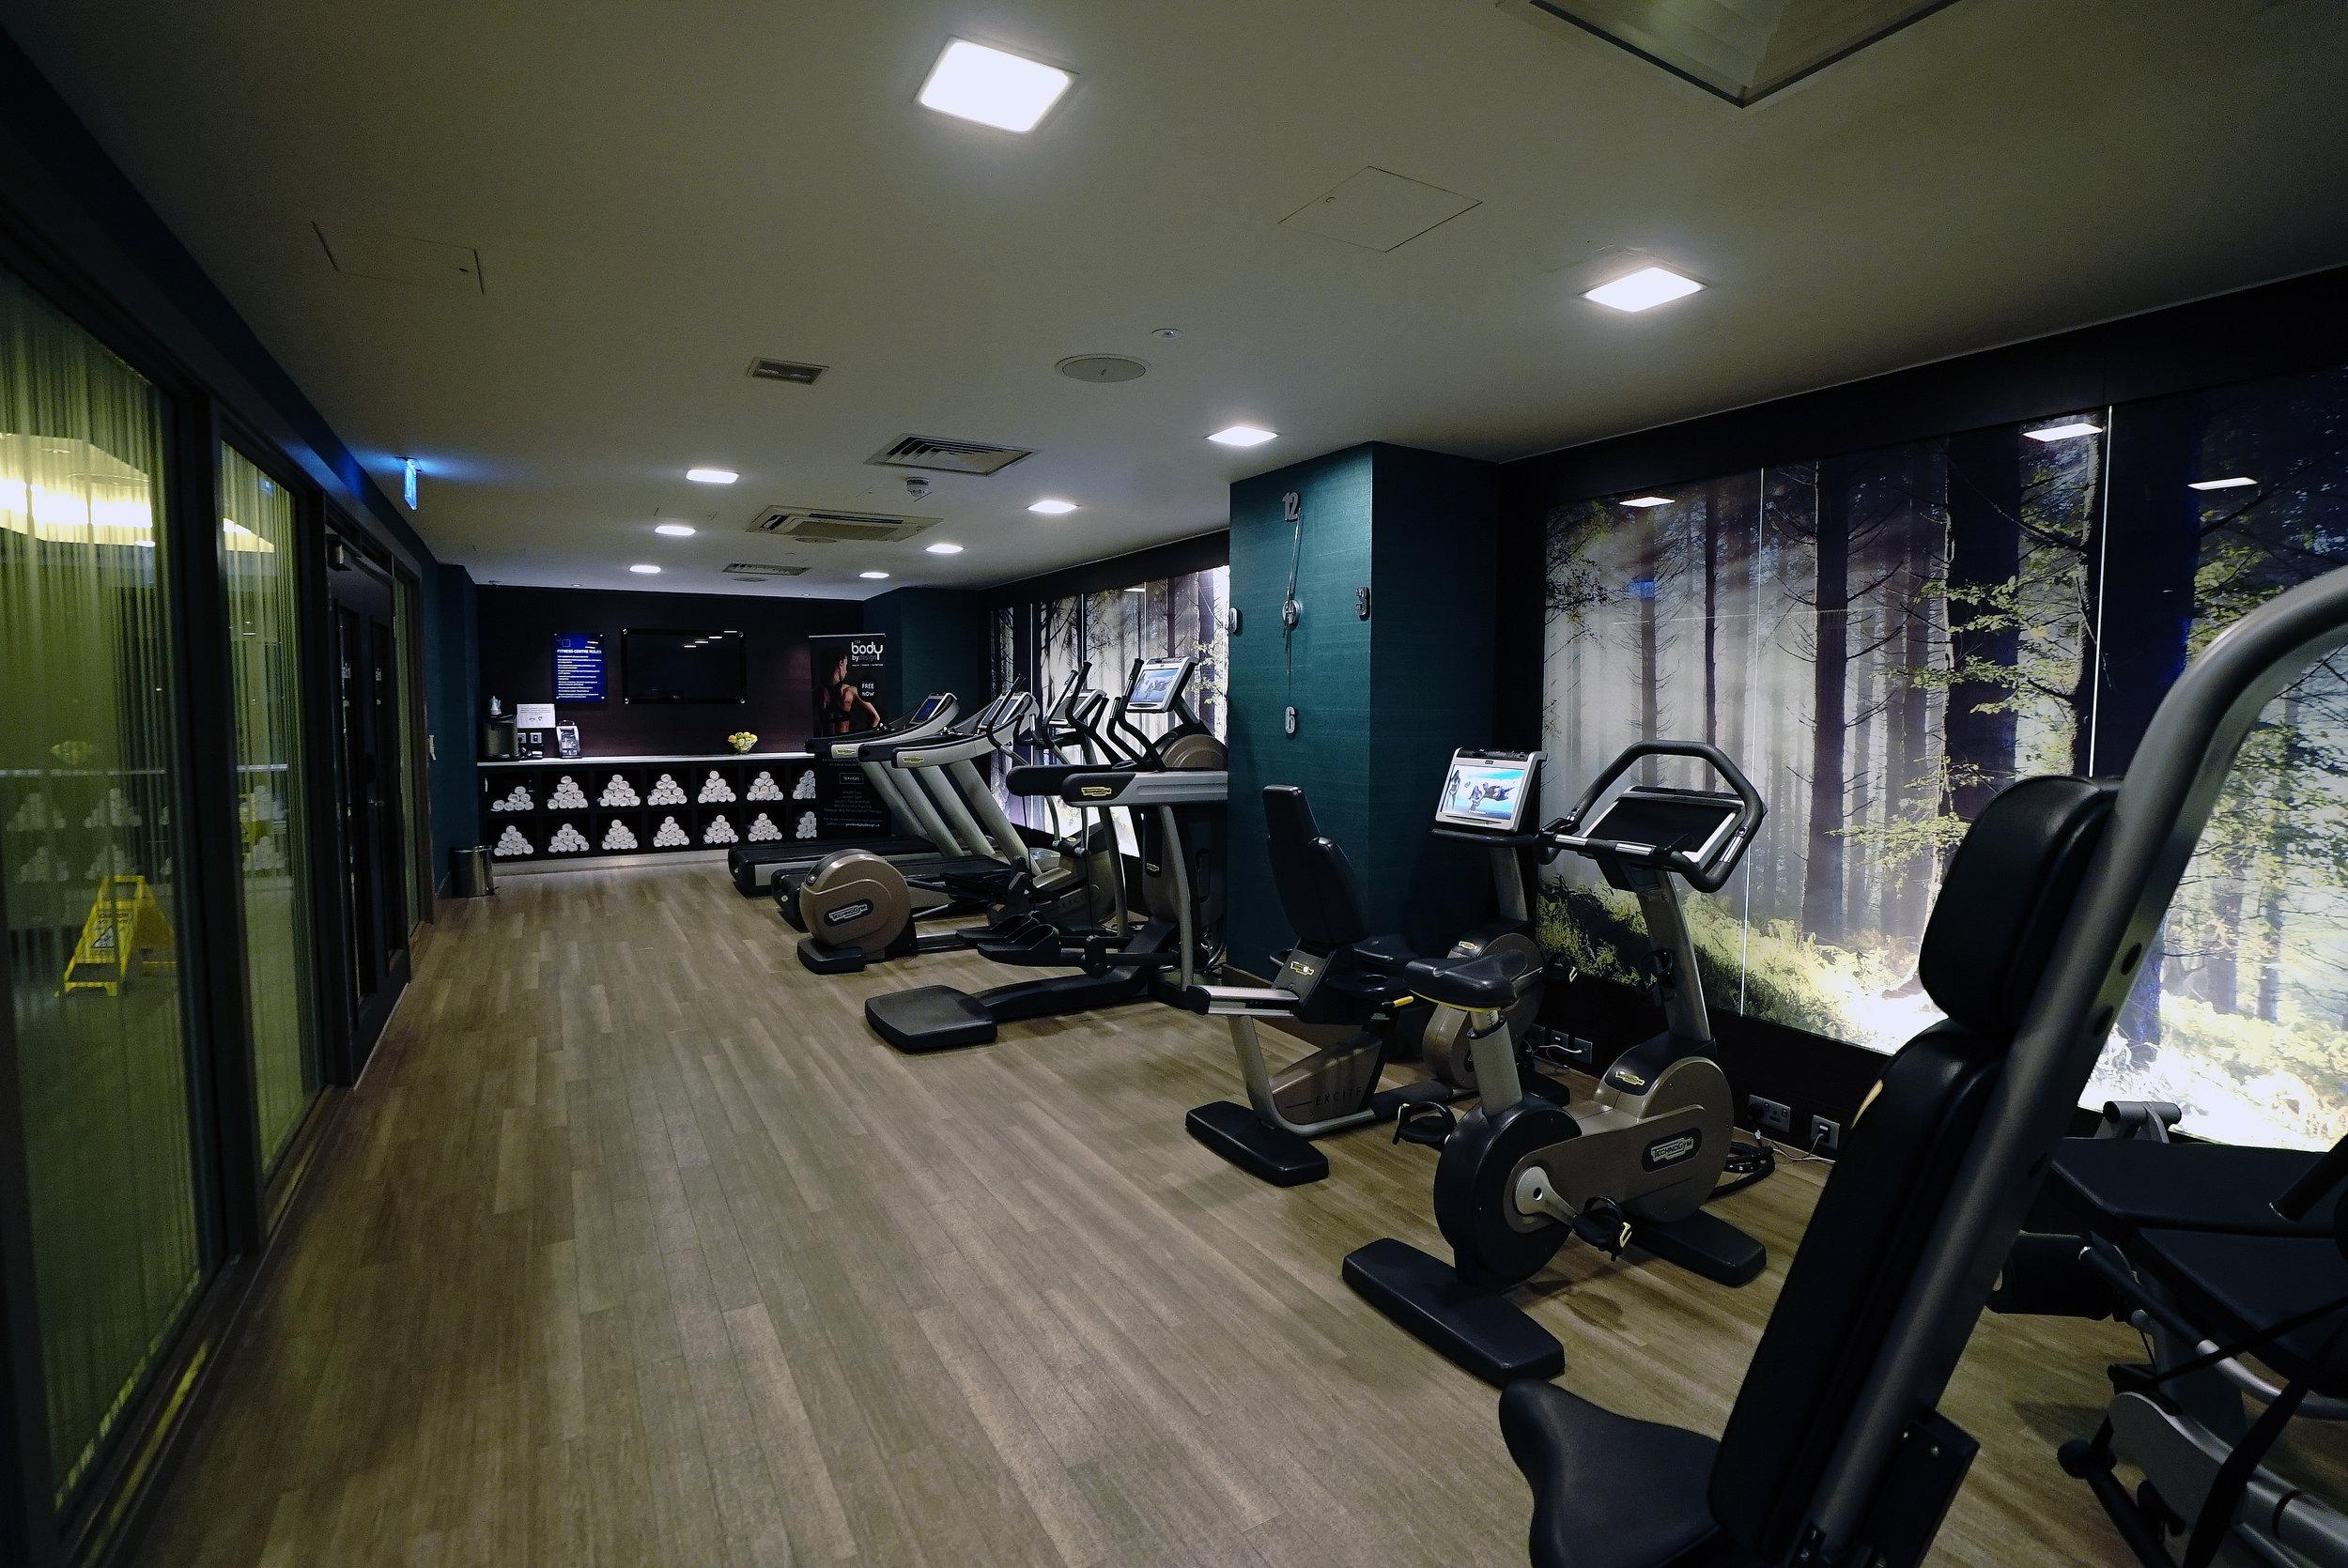 Novotel Brentford Hotel Gym L.jpg